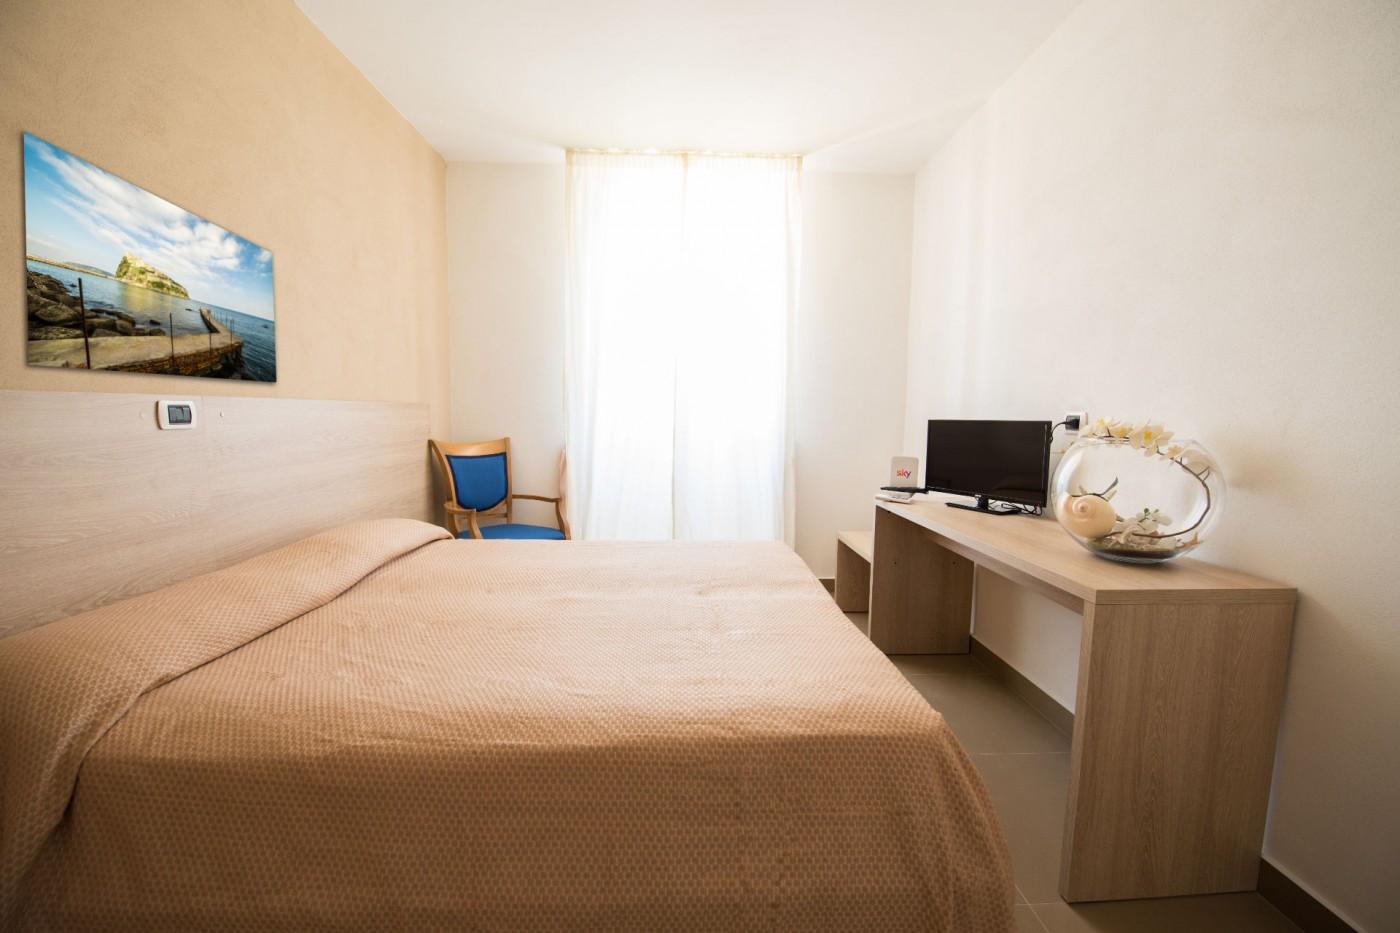 hotel-stella-maris-ischia-camera-2